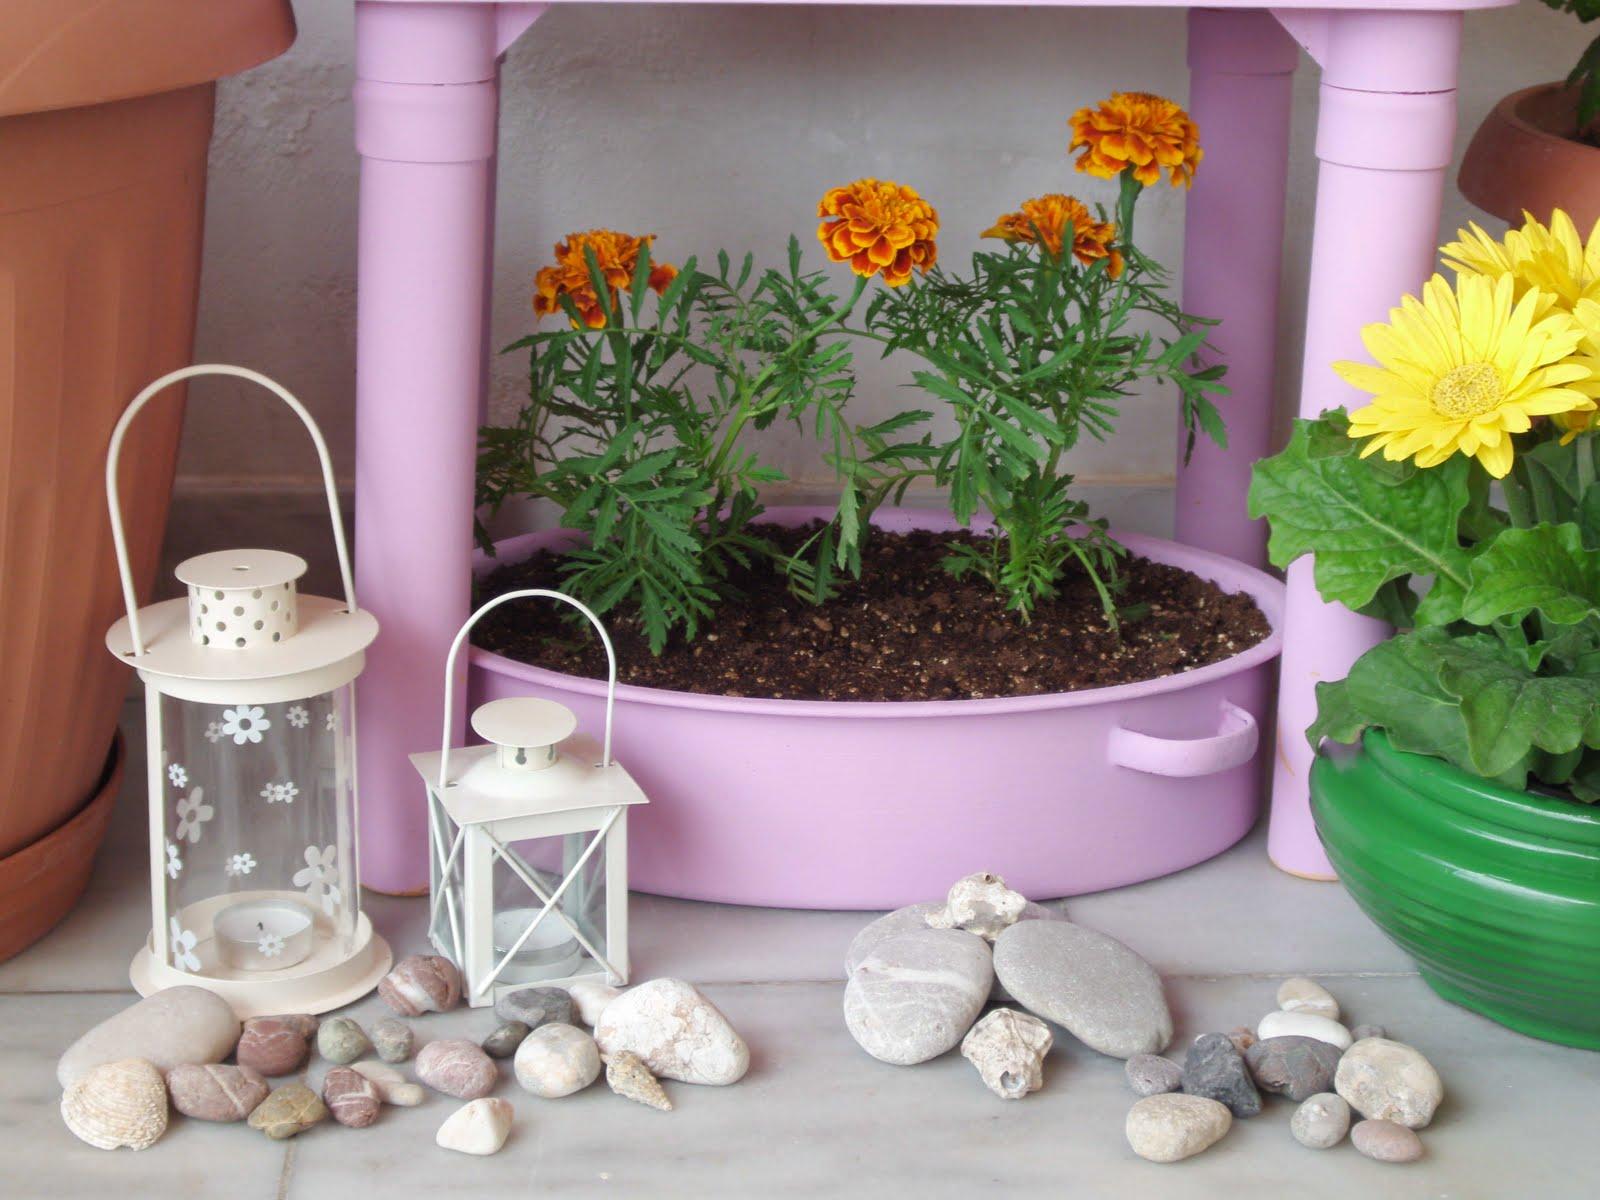 Βάψε τις γλάστρες και φύτεψε λουλούδια